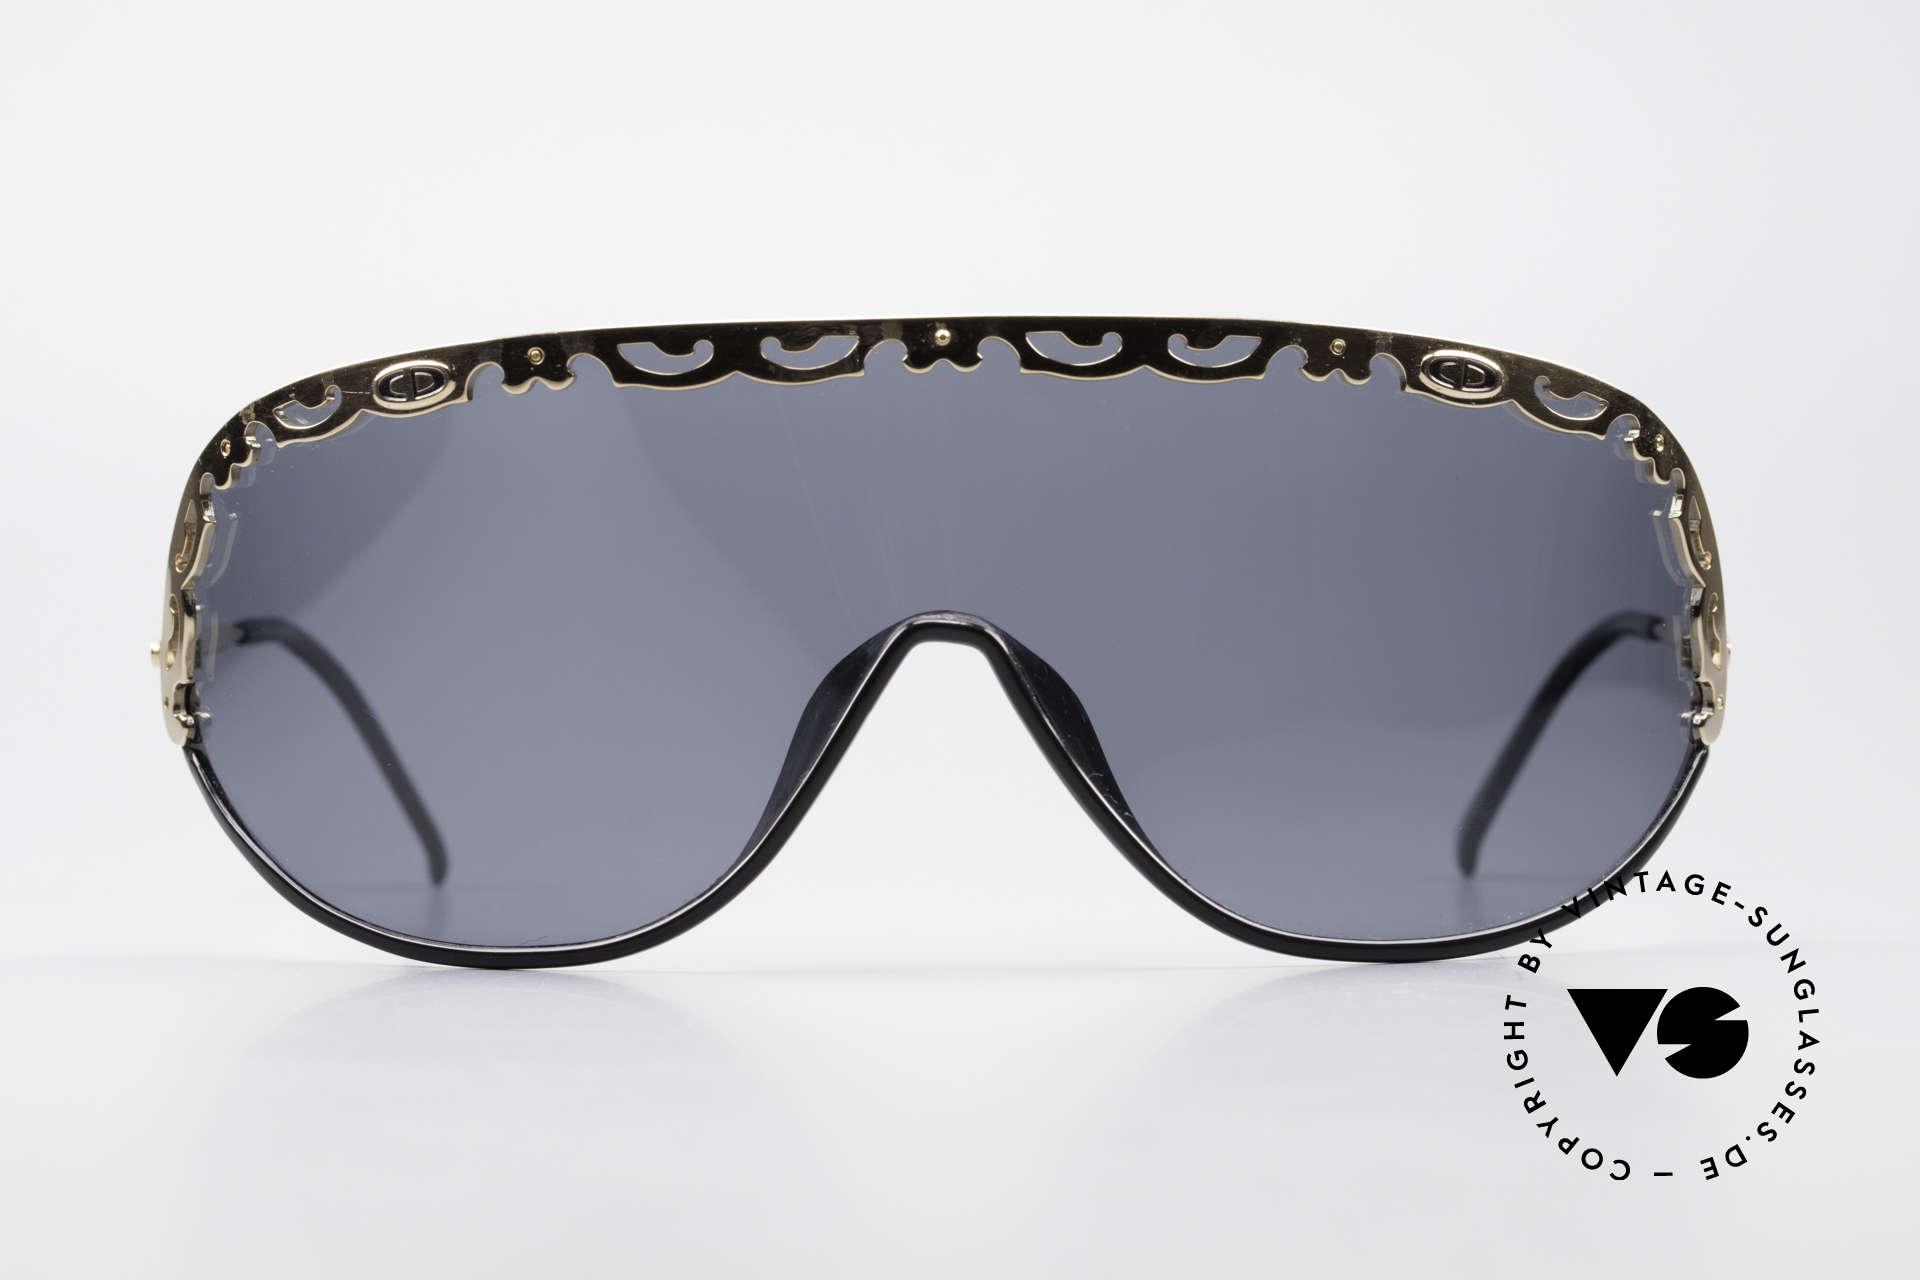 Christian Dior 2501 80er Sonnenbrille Polarized, eine durchgehende Scheibe in Gr. XL (Panorama-View), Passend für Damen